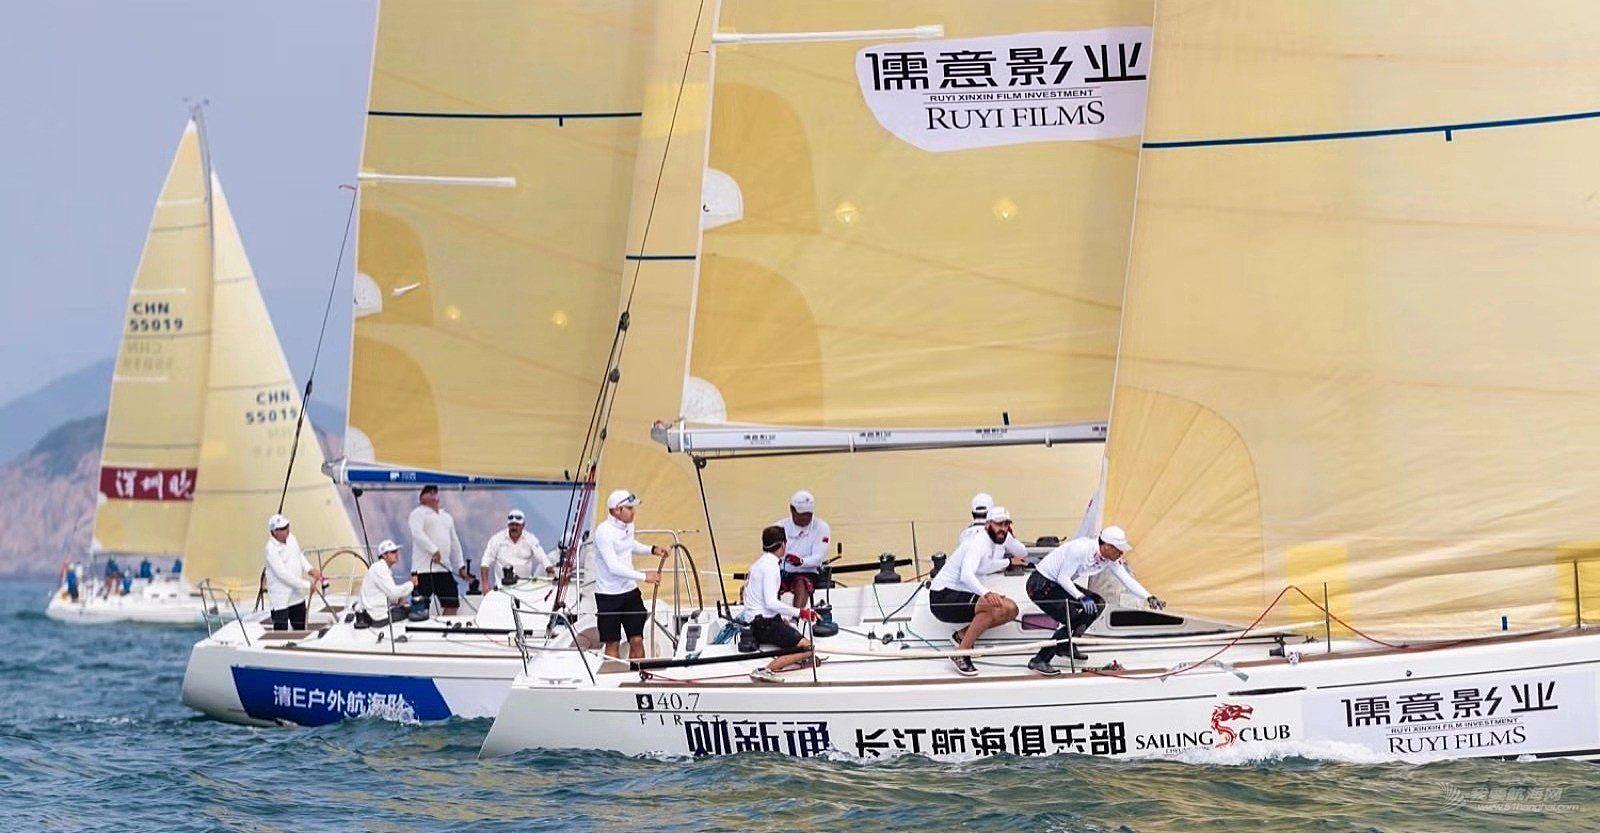 第十二届中国杯帆船赛辛普森港深拉力赛结束|自力号蝉联冲线冠军,40.7组别头名易主